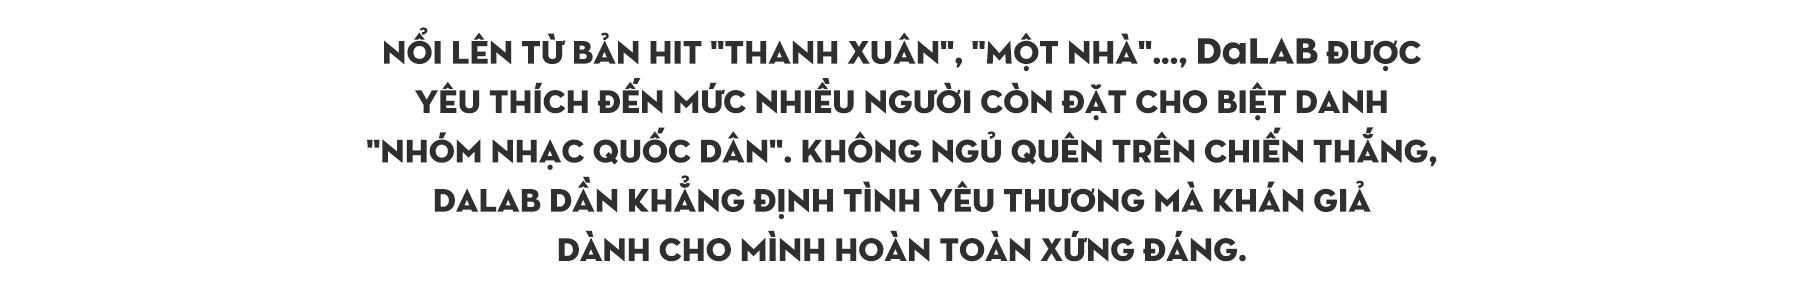 """[eMagazine] Da LAB: """"Thanh xuân"""" vô hạn! - Ảnh 1."""